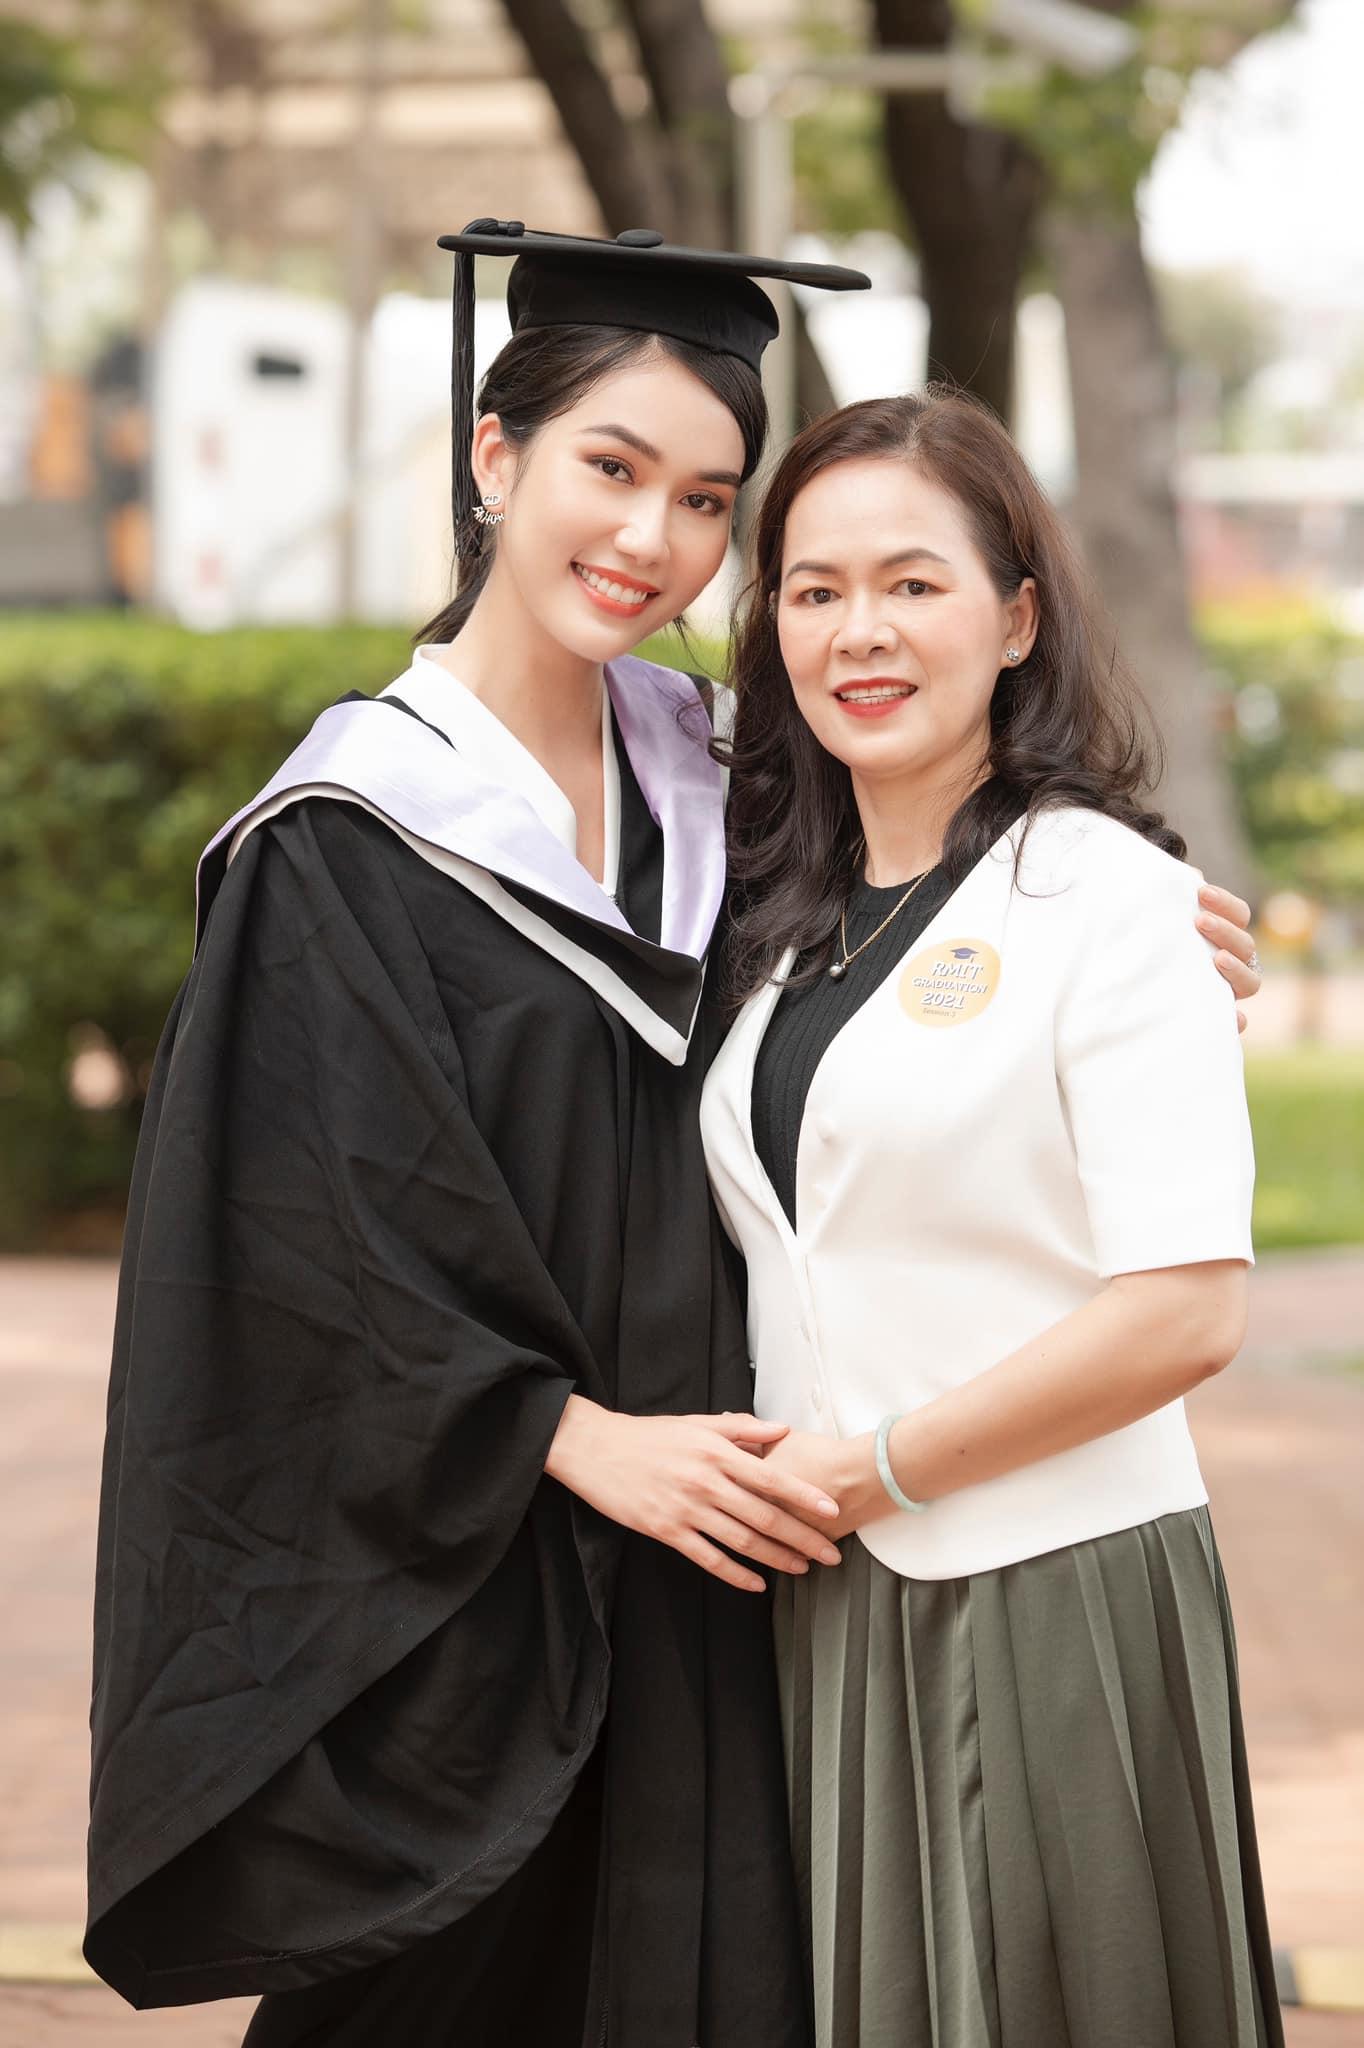 Á hậu Việt Nam bày tỏ sự may mắn khi được sinh trưởng trong một gia đình đề cao giáo dục. Mẹ của cô